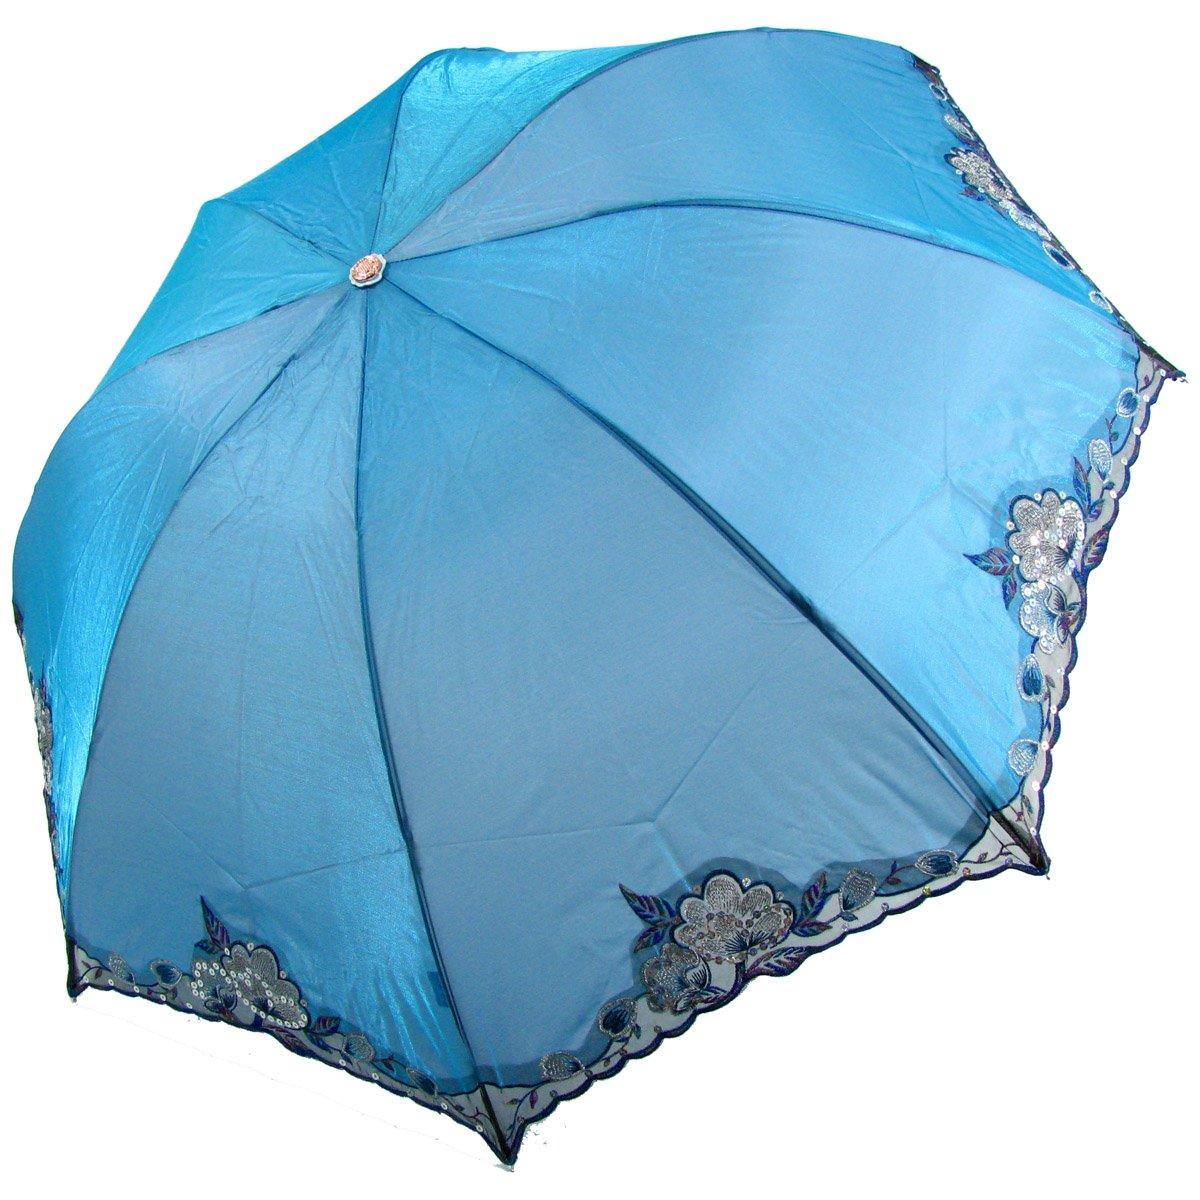 刺绣伞三折超强防紫外线遮阳伞v刺绣闪光布缀亮片天堂优派服装图片